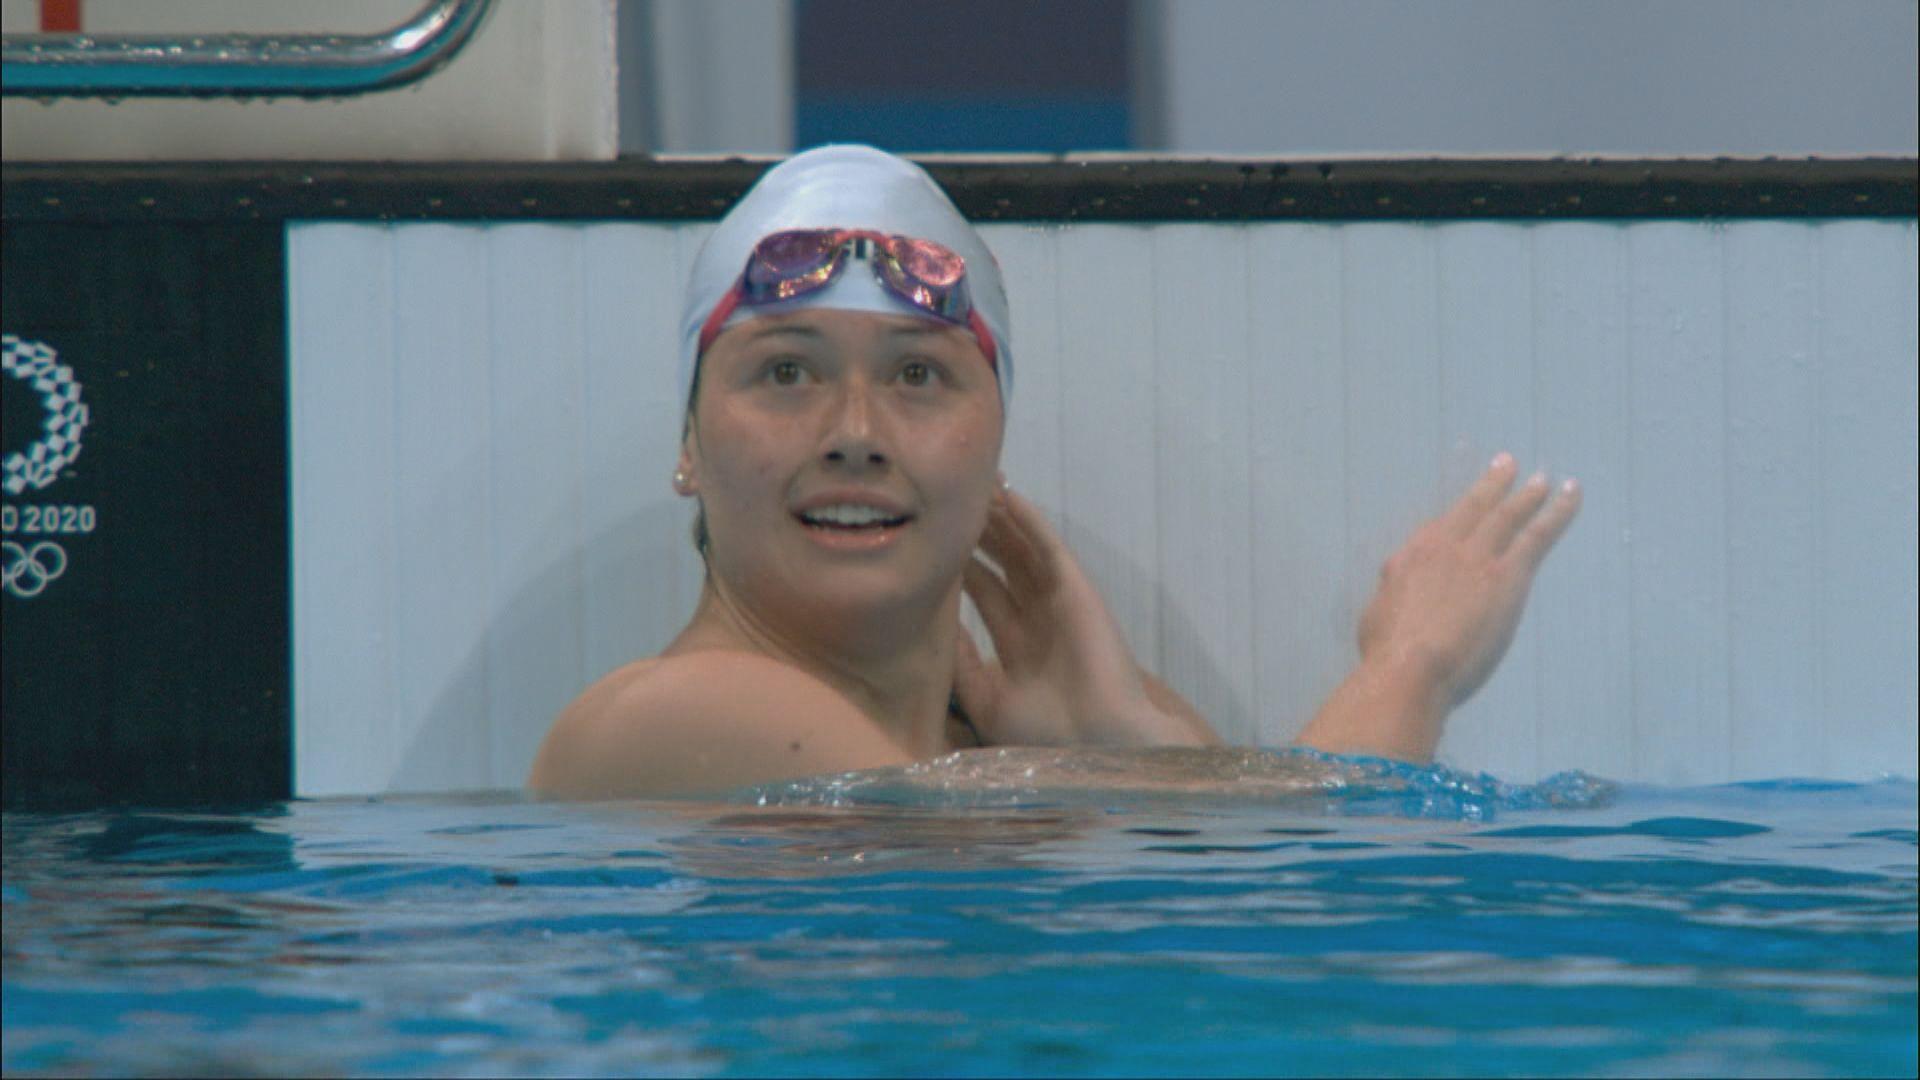 何詩蓓女子一百米自由泳總成績第二名入決賽